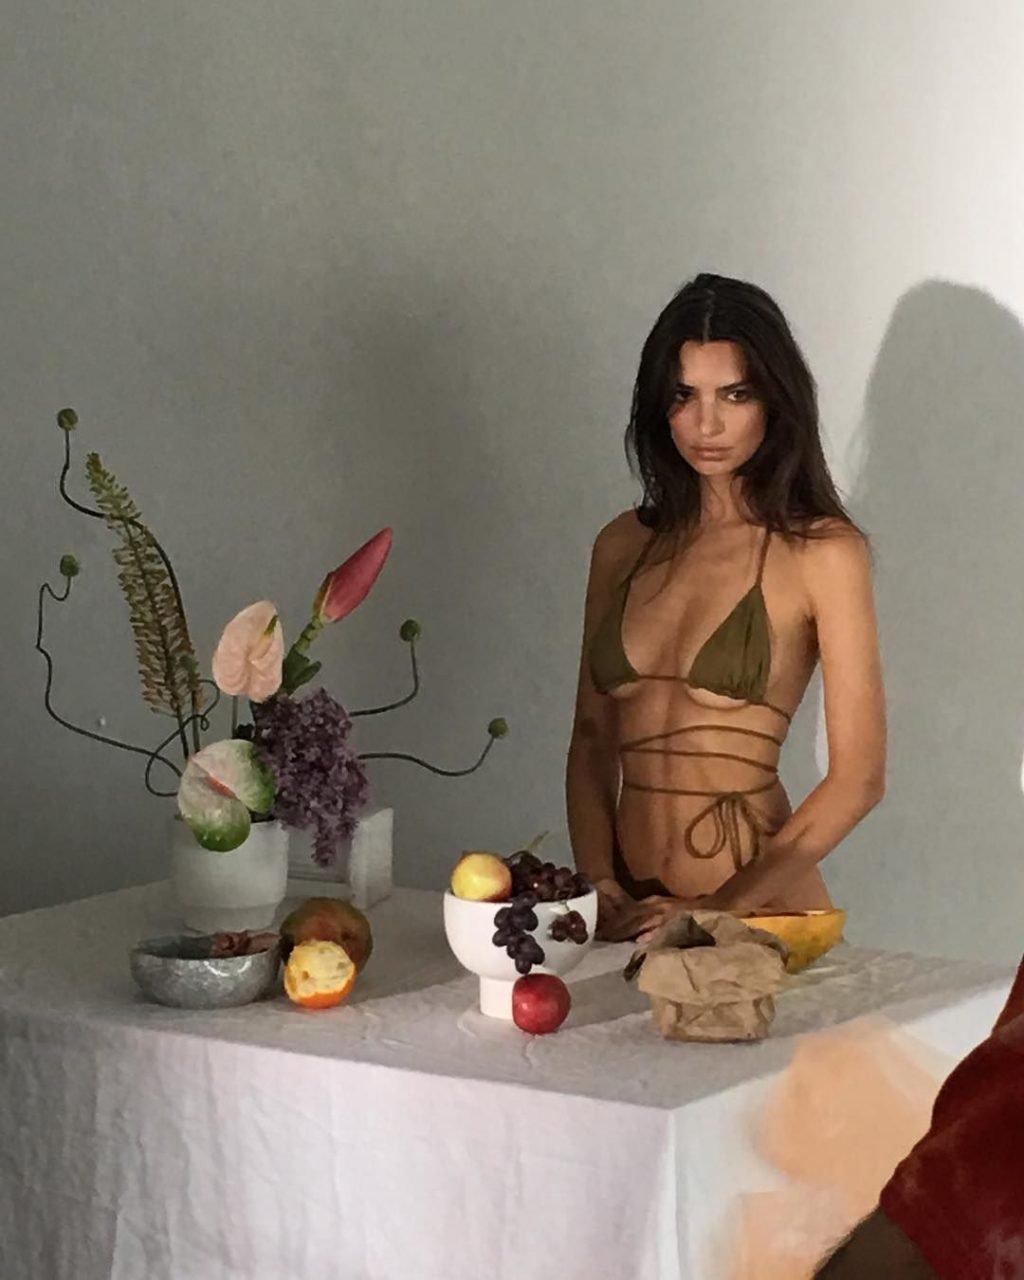 Emily Ratajkowski Sexy (30 Photos)